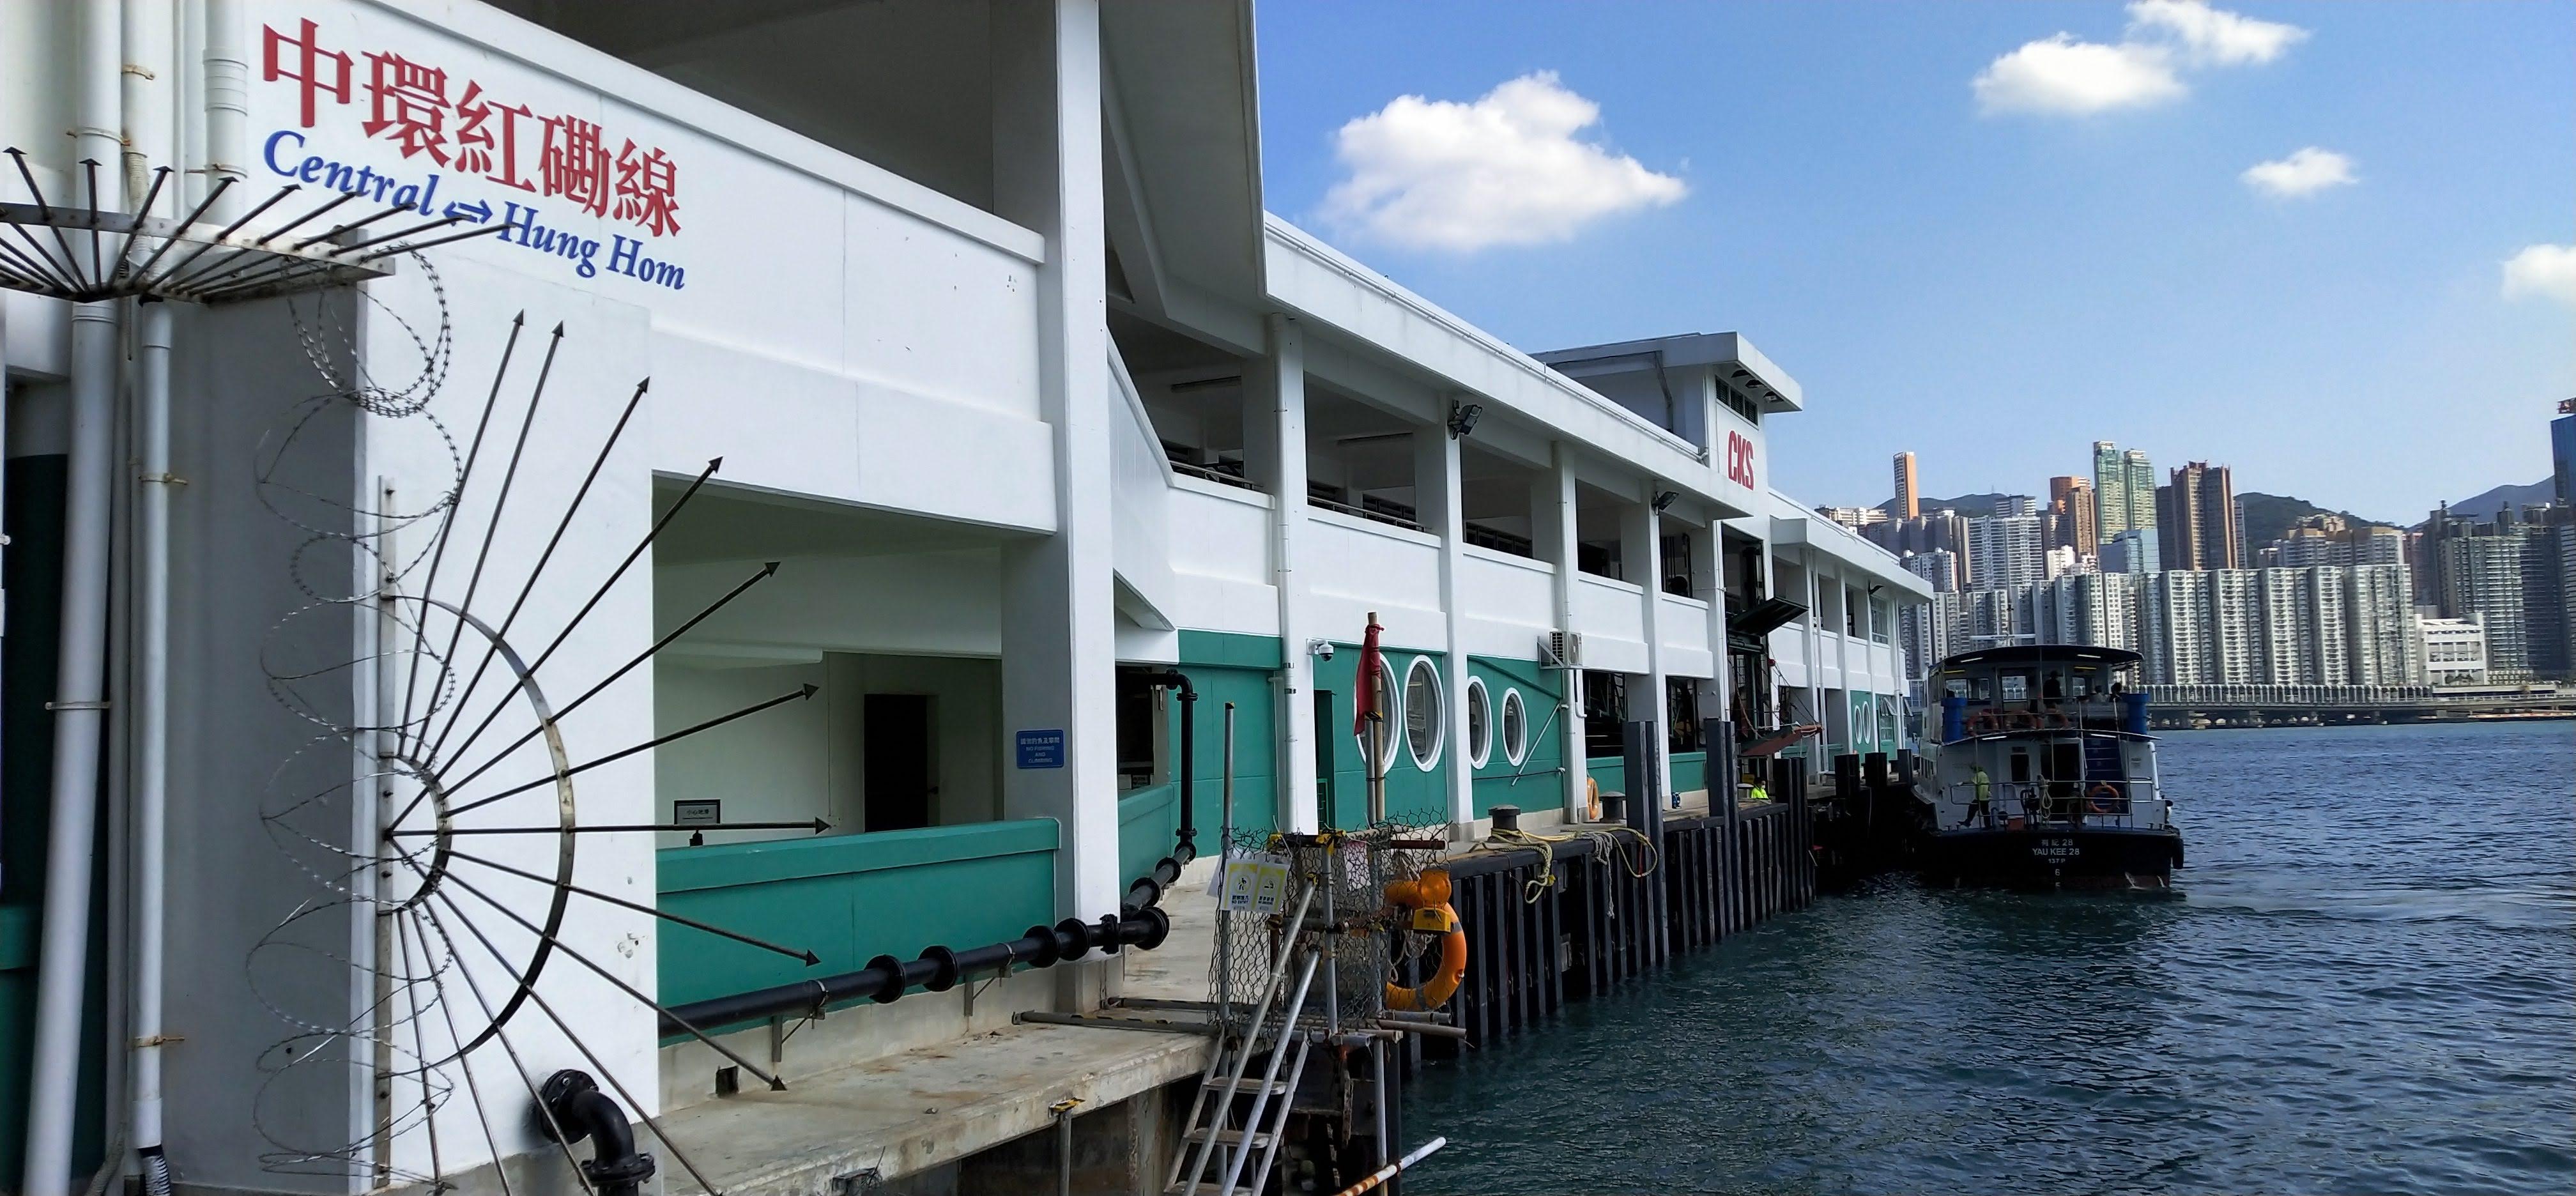 Hum Hom Central ferry